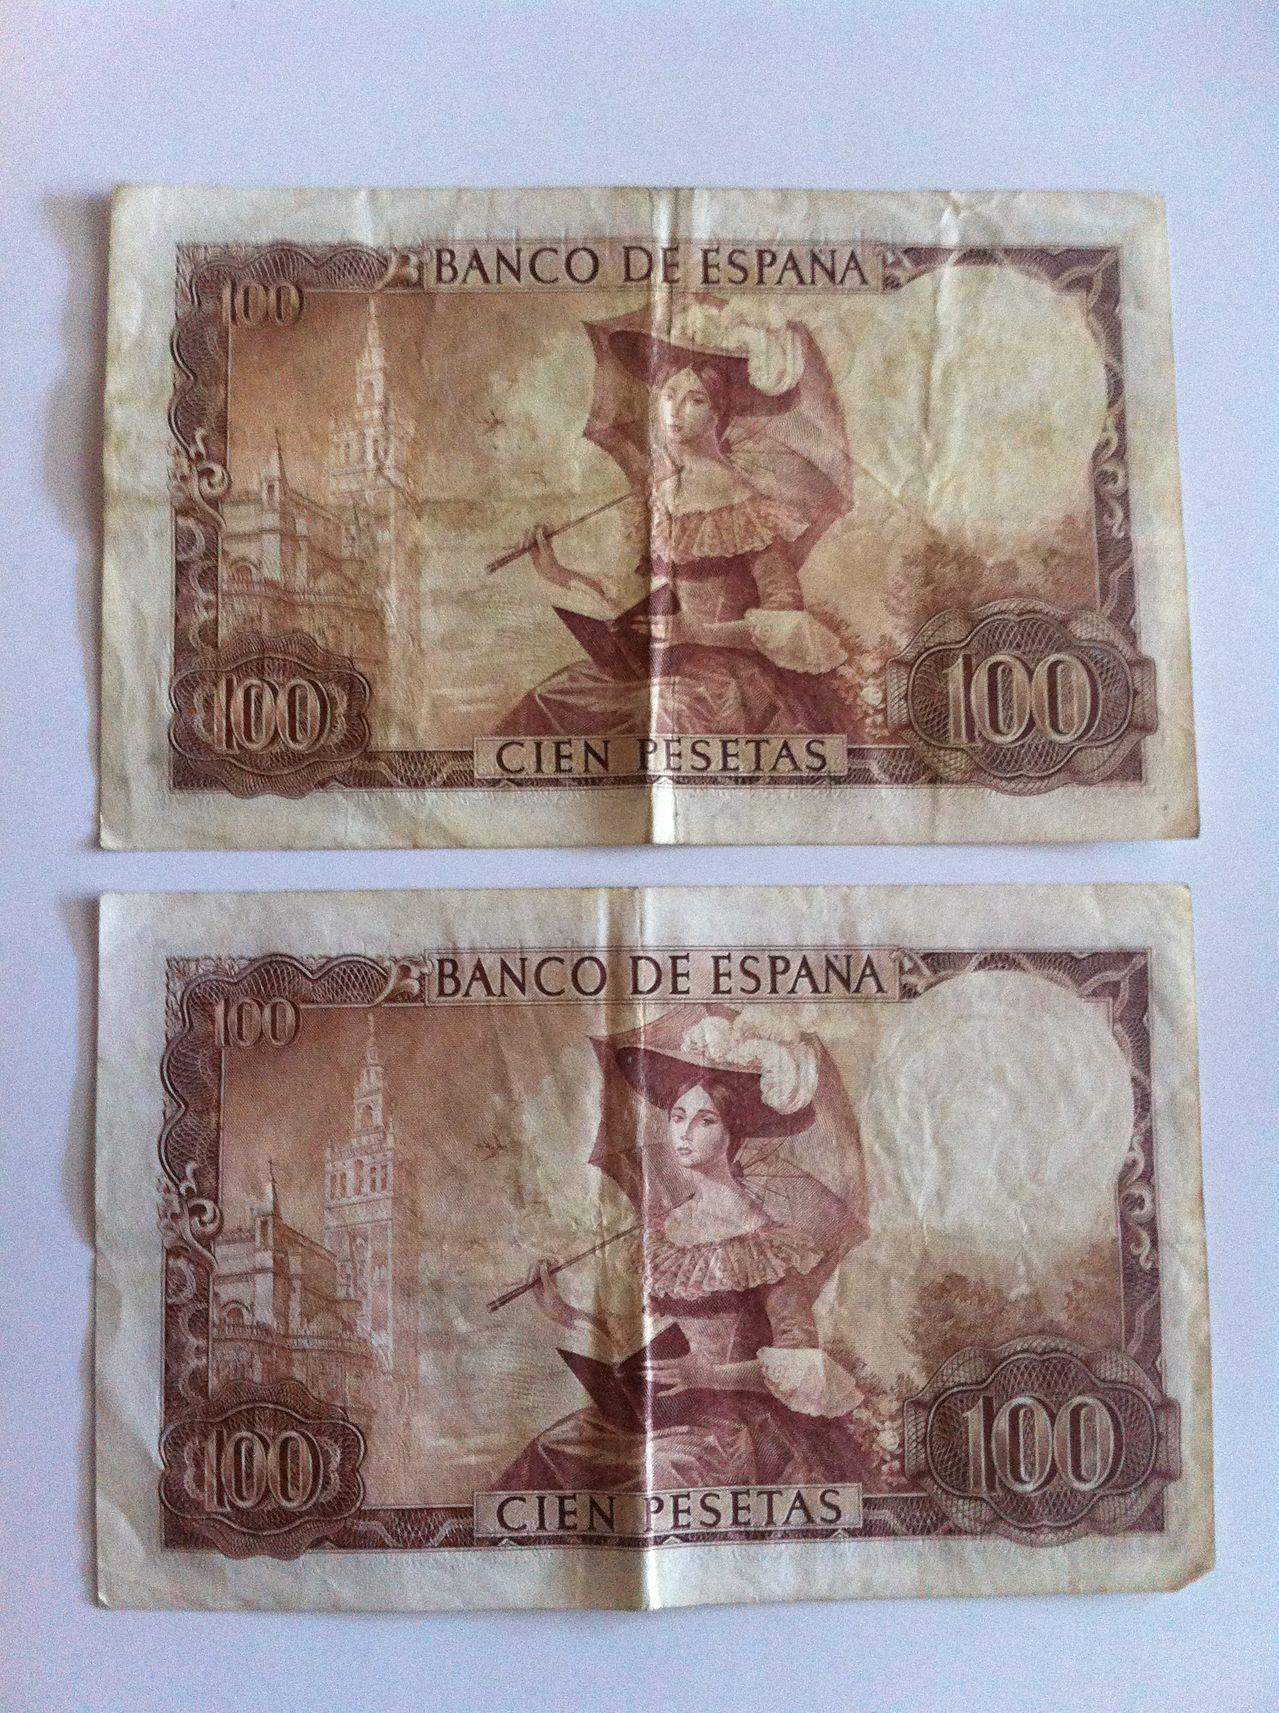 Ayuda para valorar coleccion de billetes IMG_5005